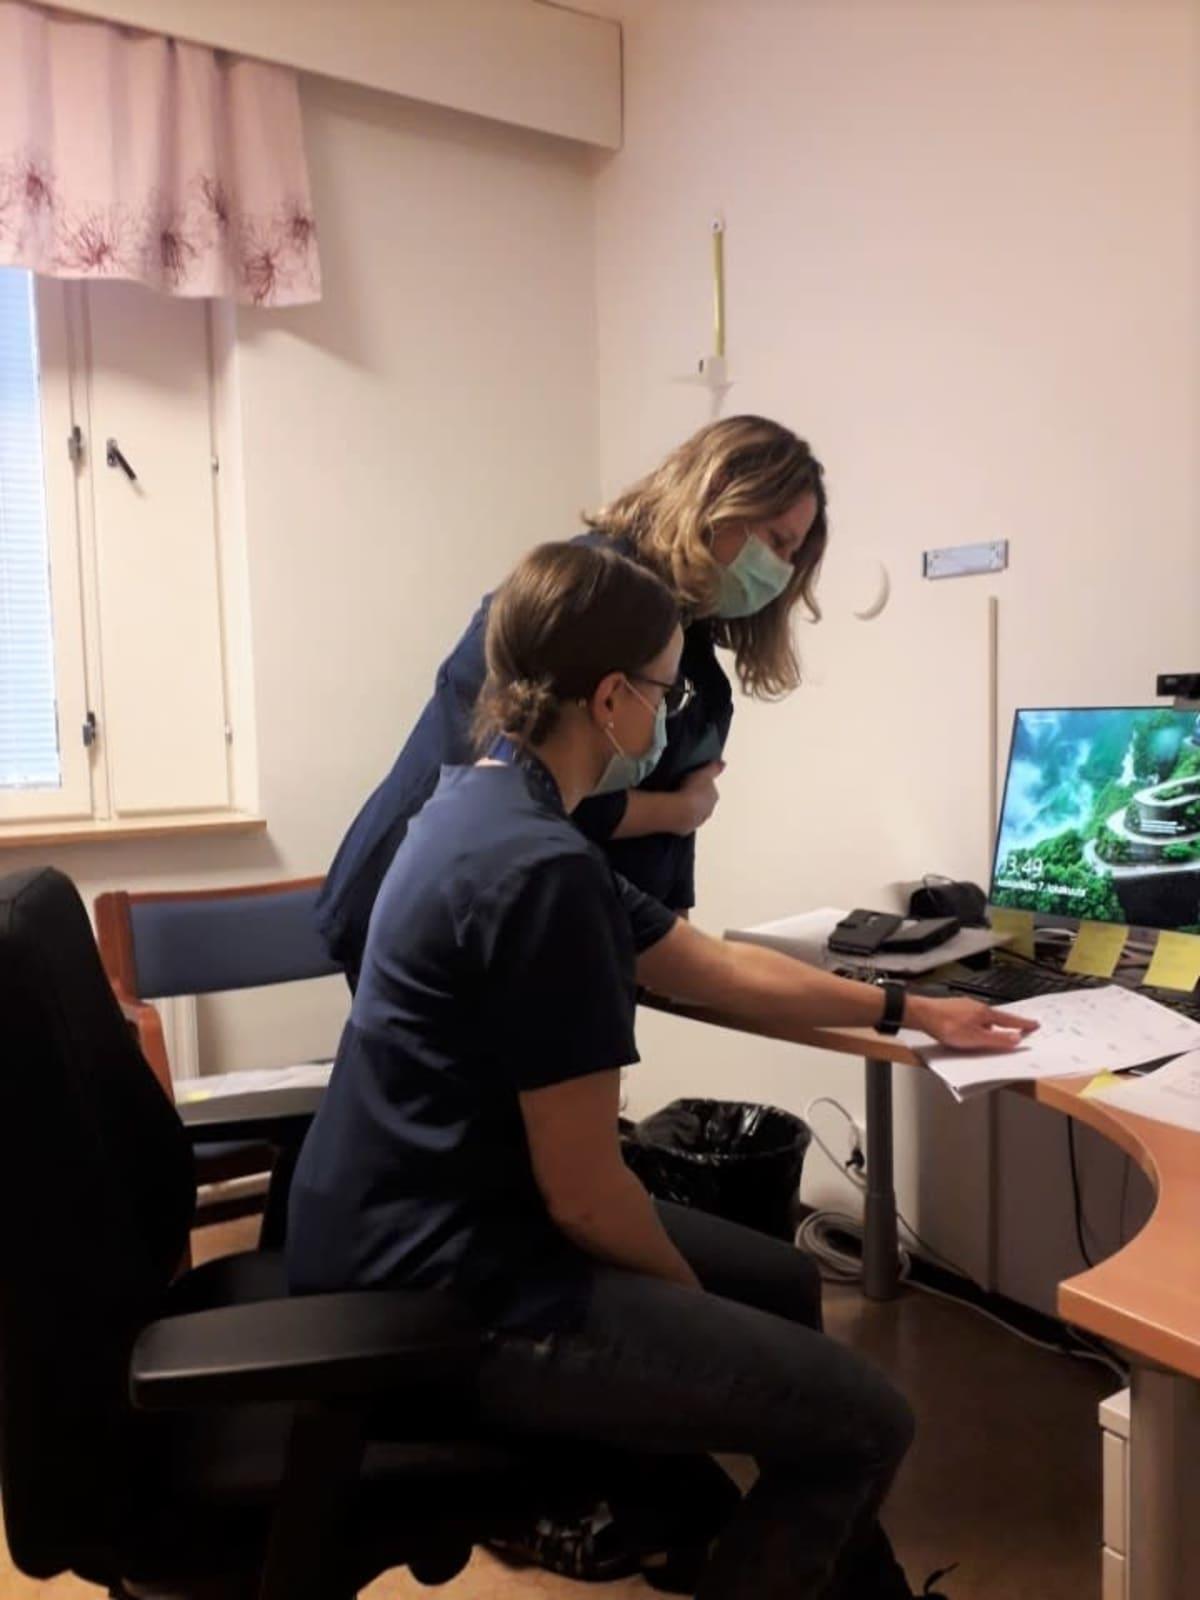 Koronakartoittajat Gun Grangärd ja Sari Kauppinen tietokoneen äärellä koordinoimassa kontaktoitavia altistuneita.